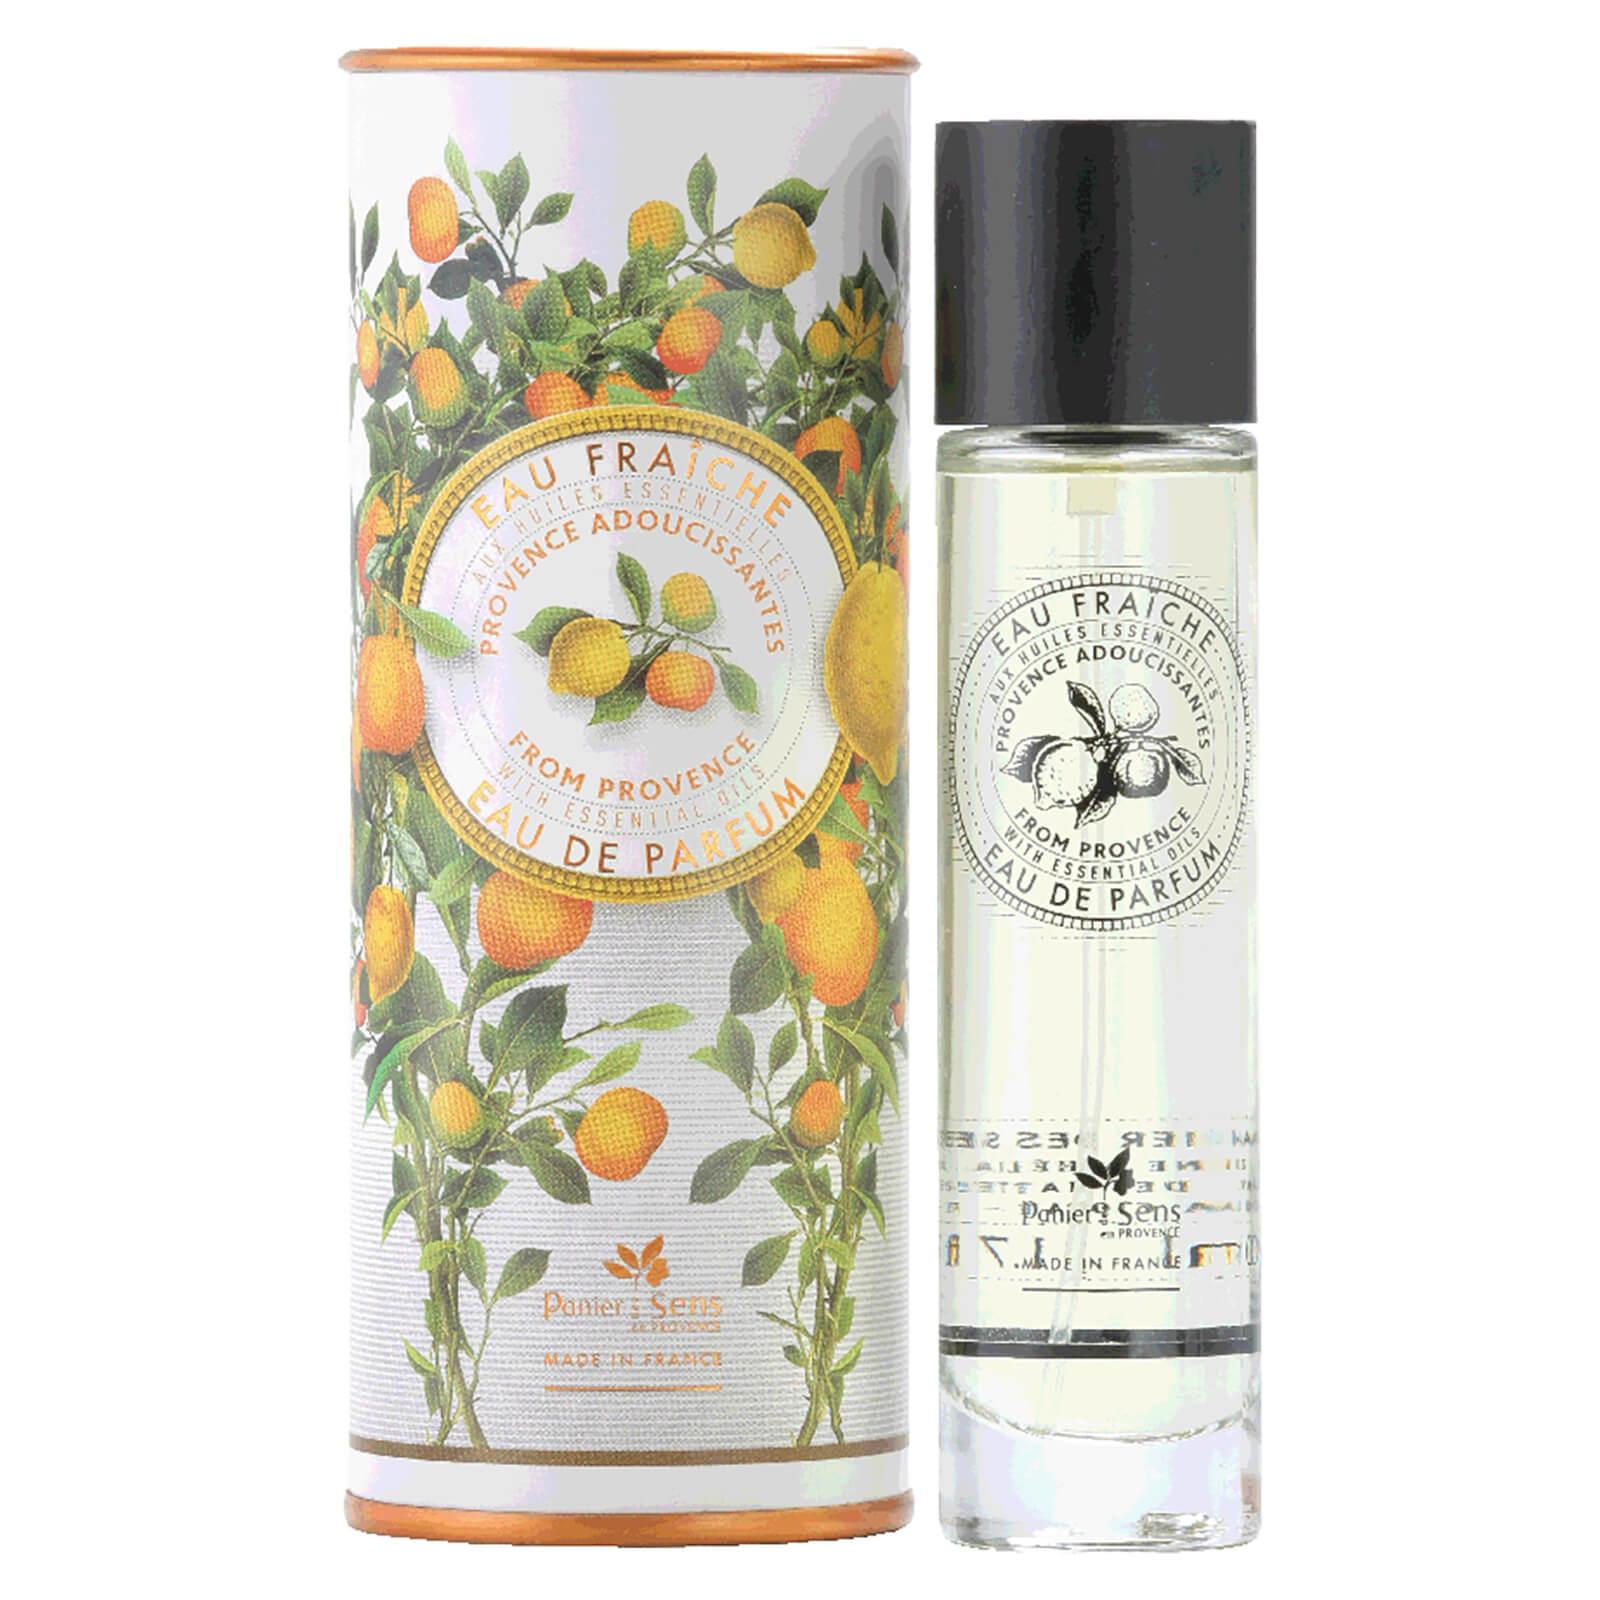 Panier des Sens Les Essentiels Eau de parfum aux huiles essentielles de Provence